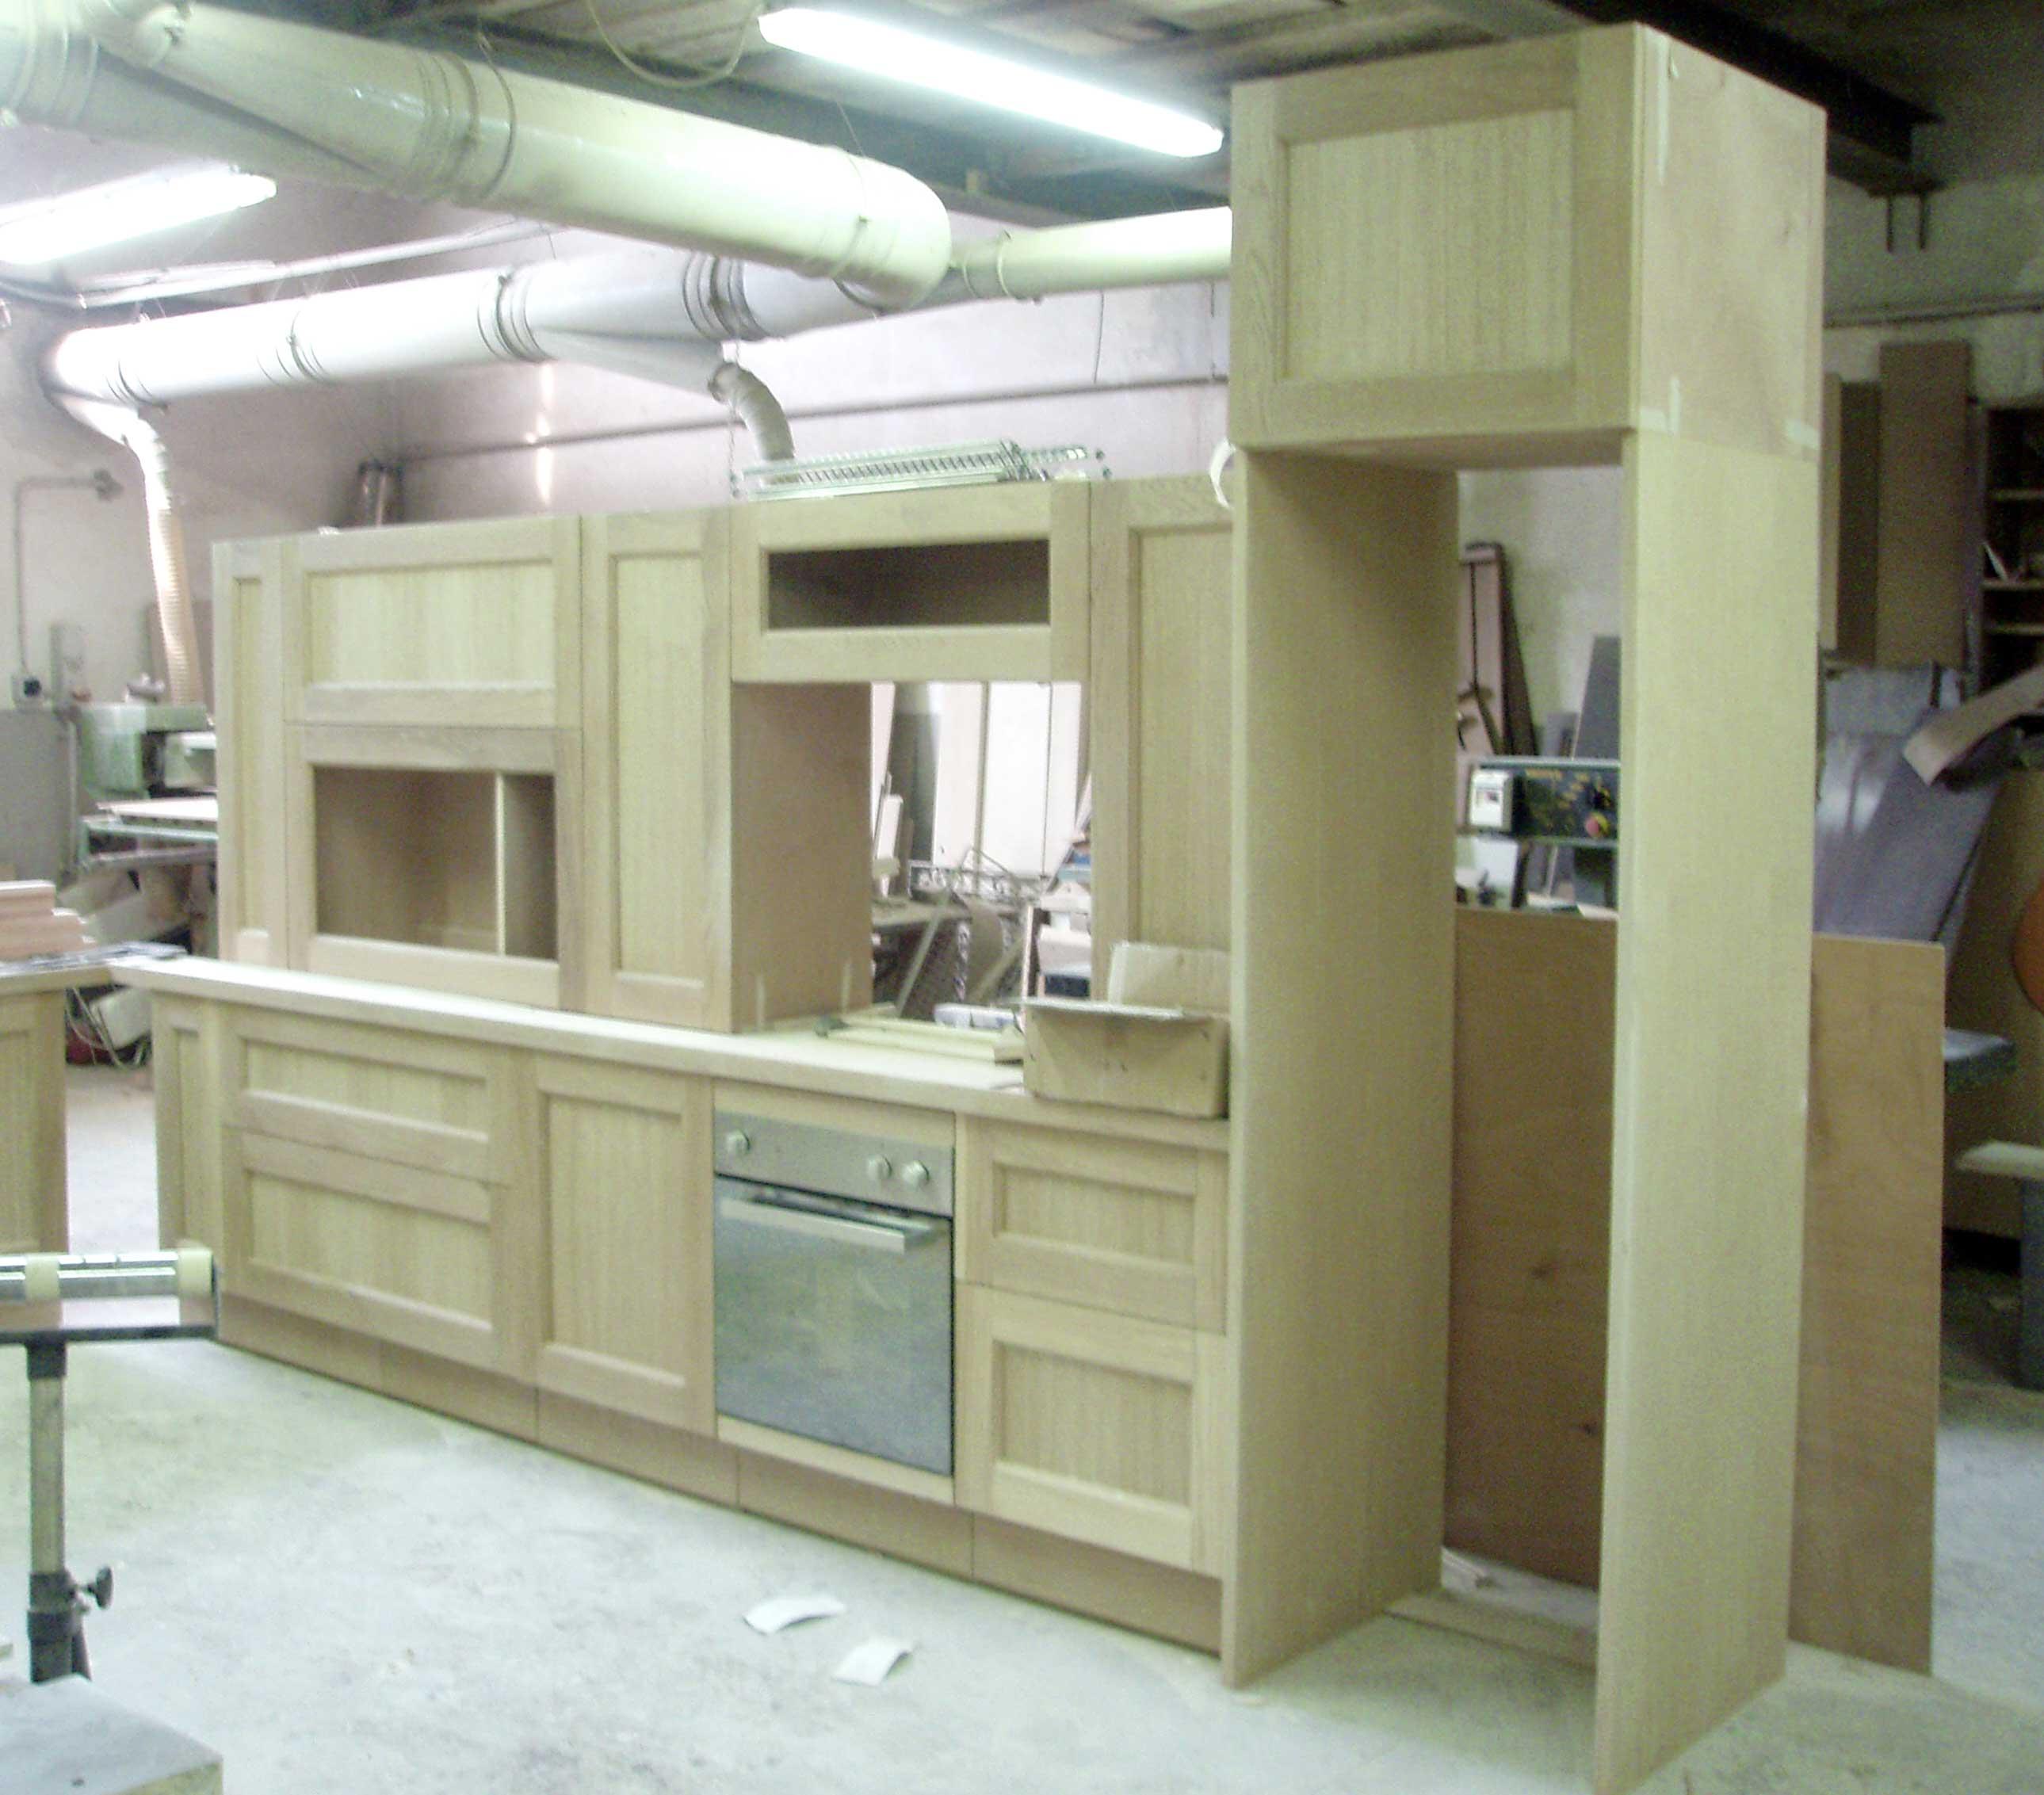 cucina su misura in lavorazione in laboratorio creocasa milano